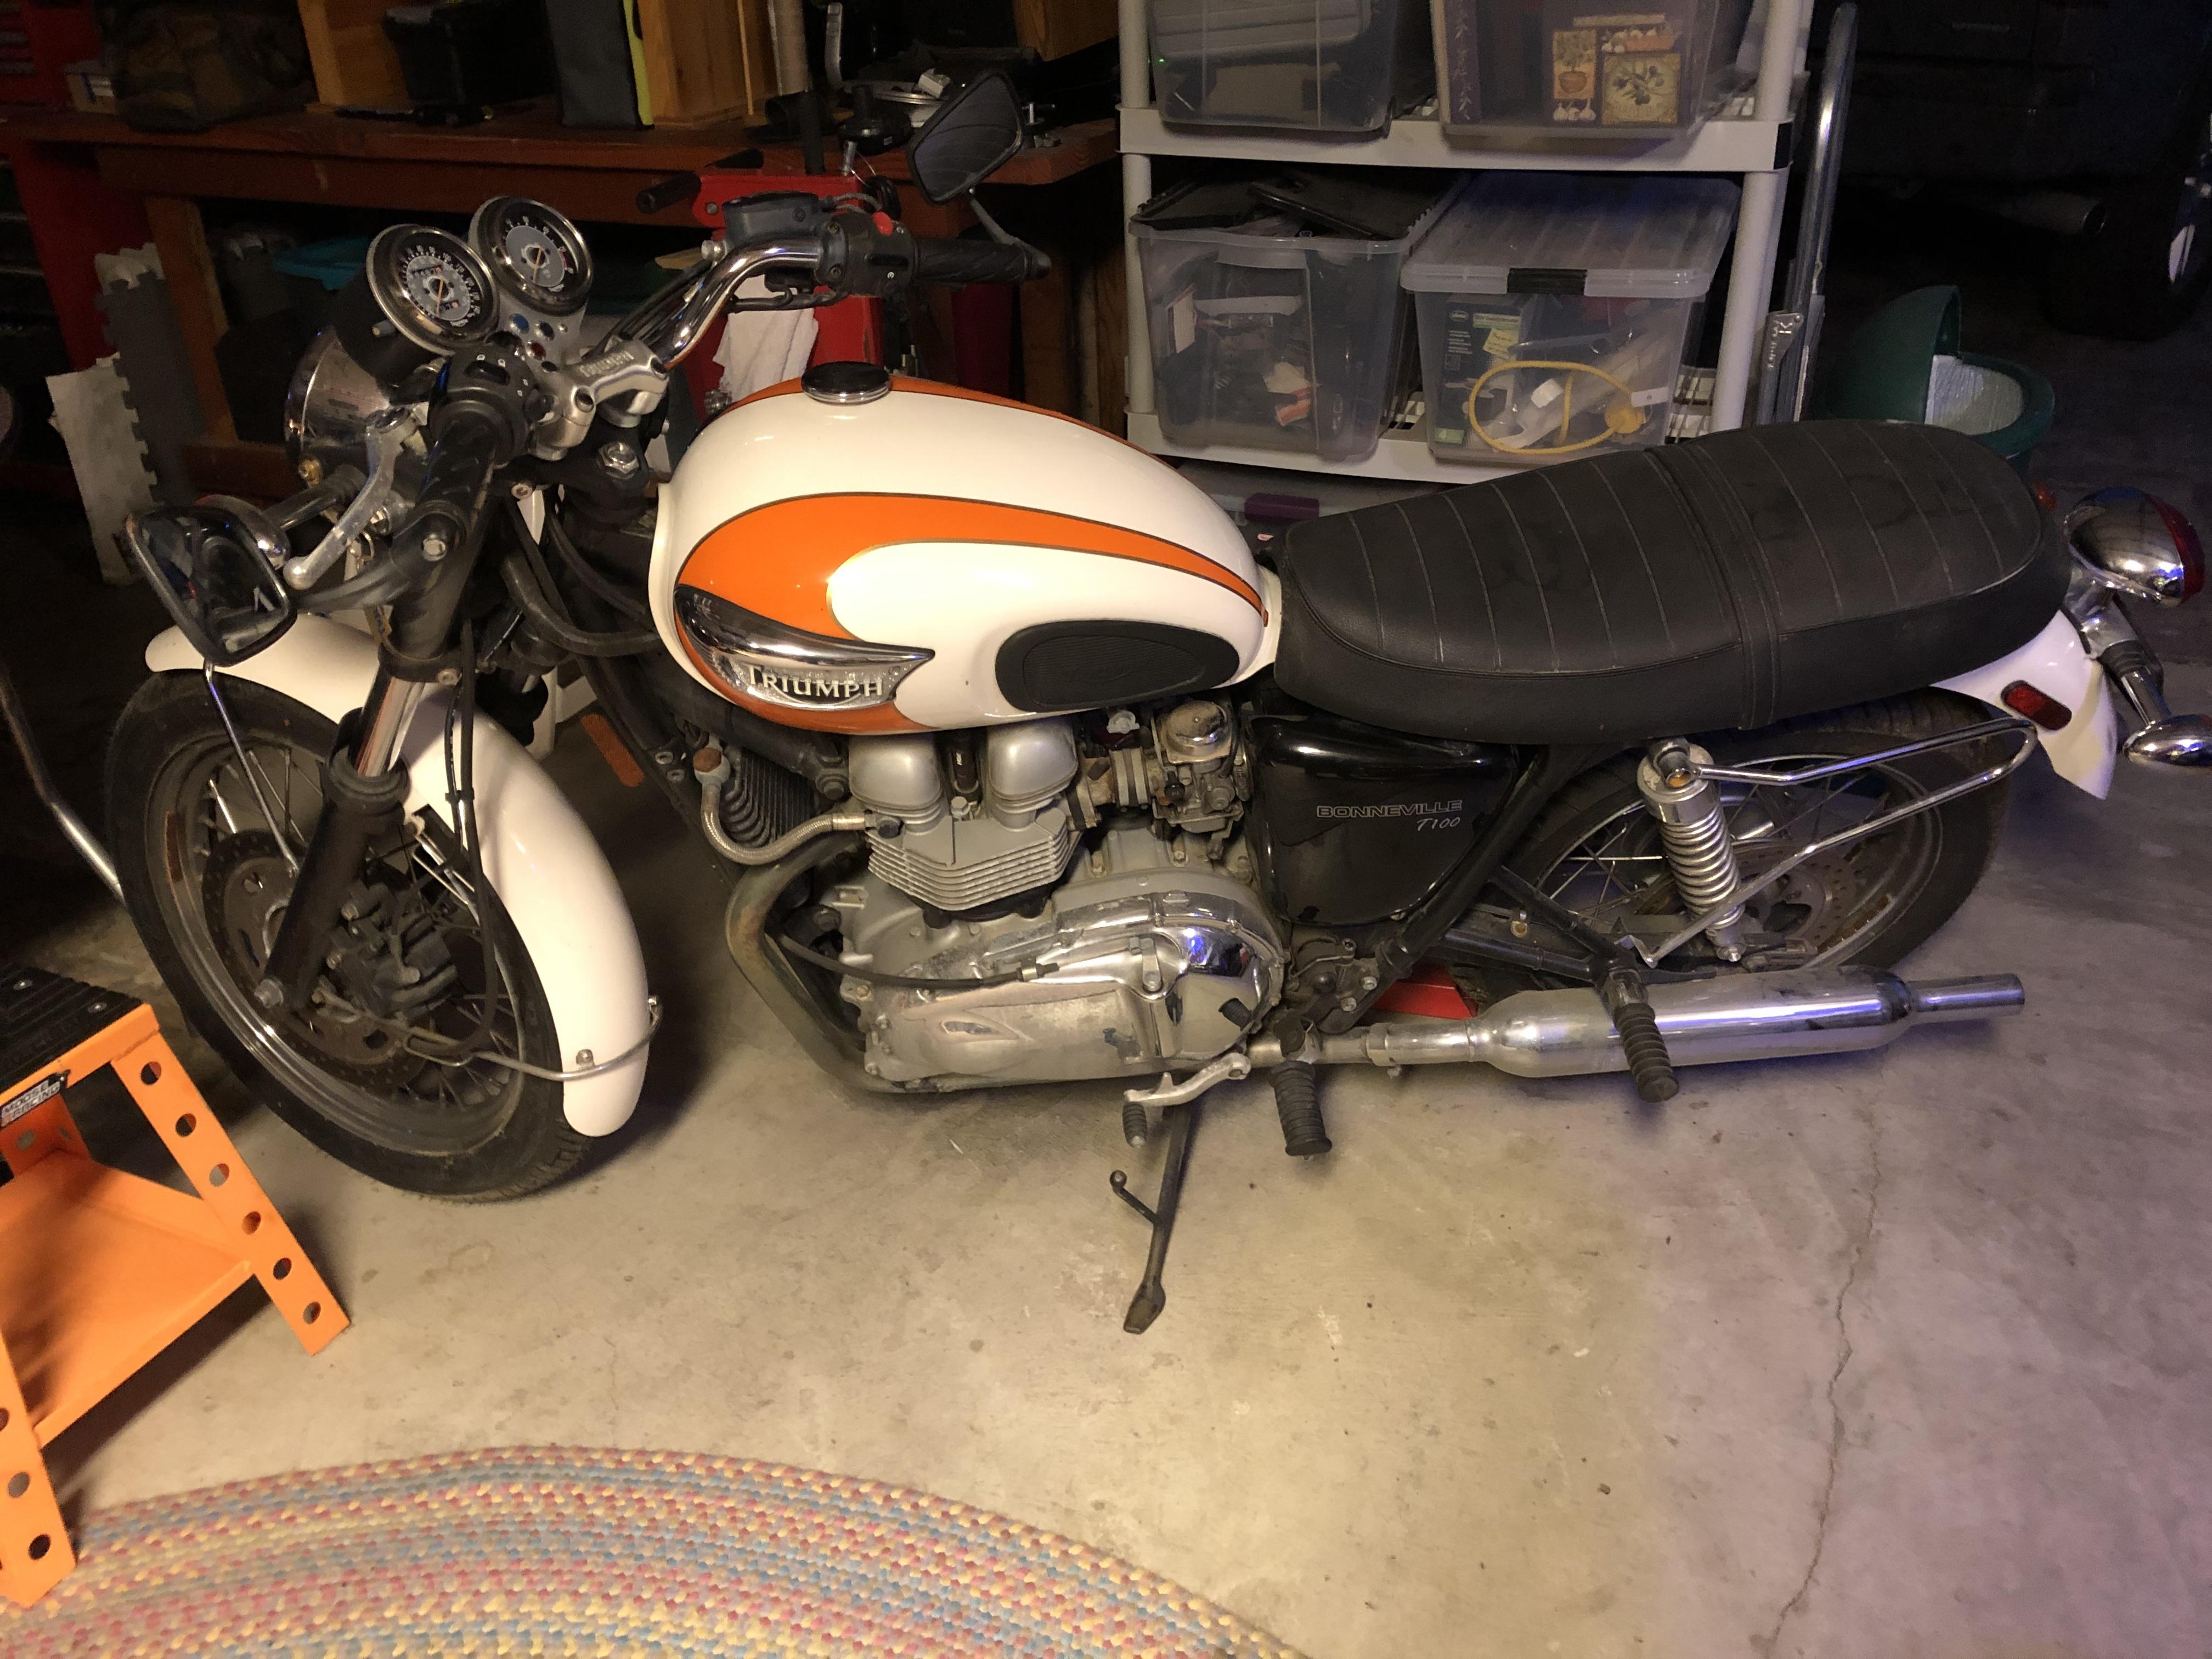 06 T-100 Tangerine Non-Op Project-bike.jpg